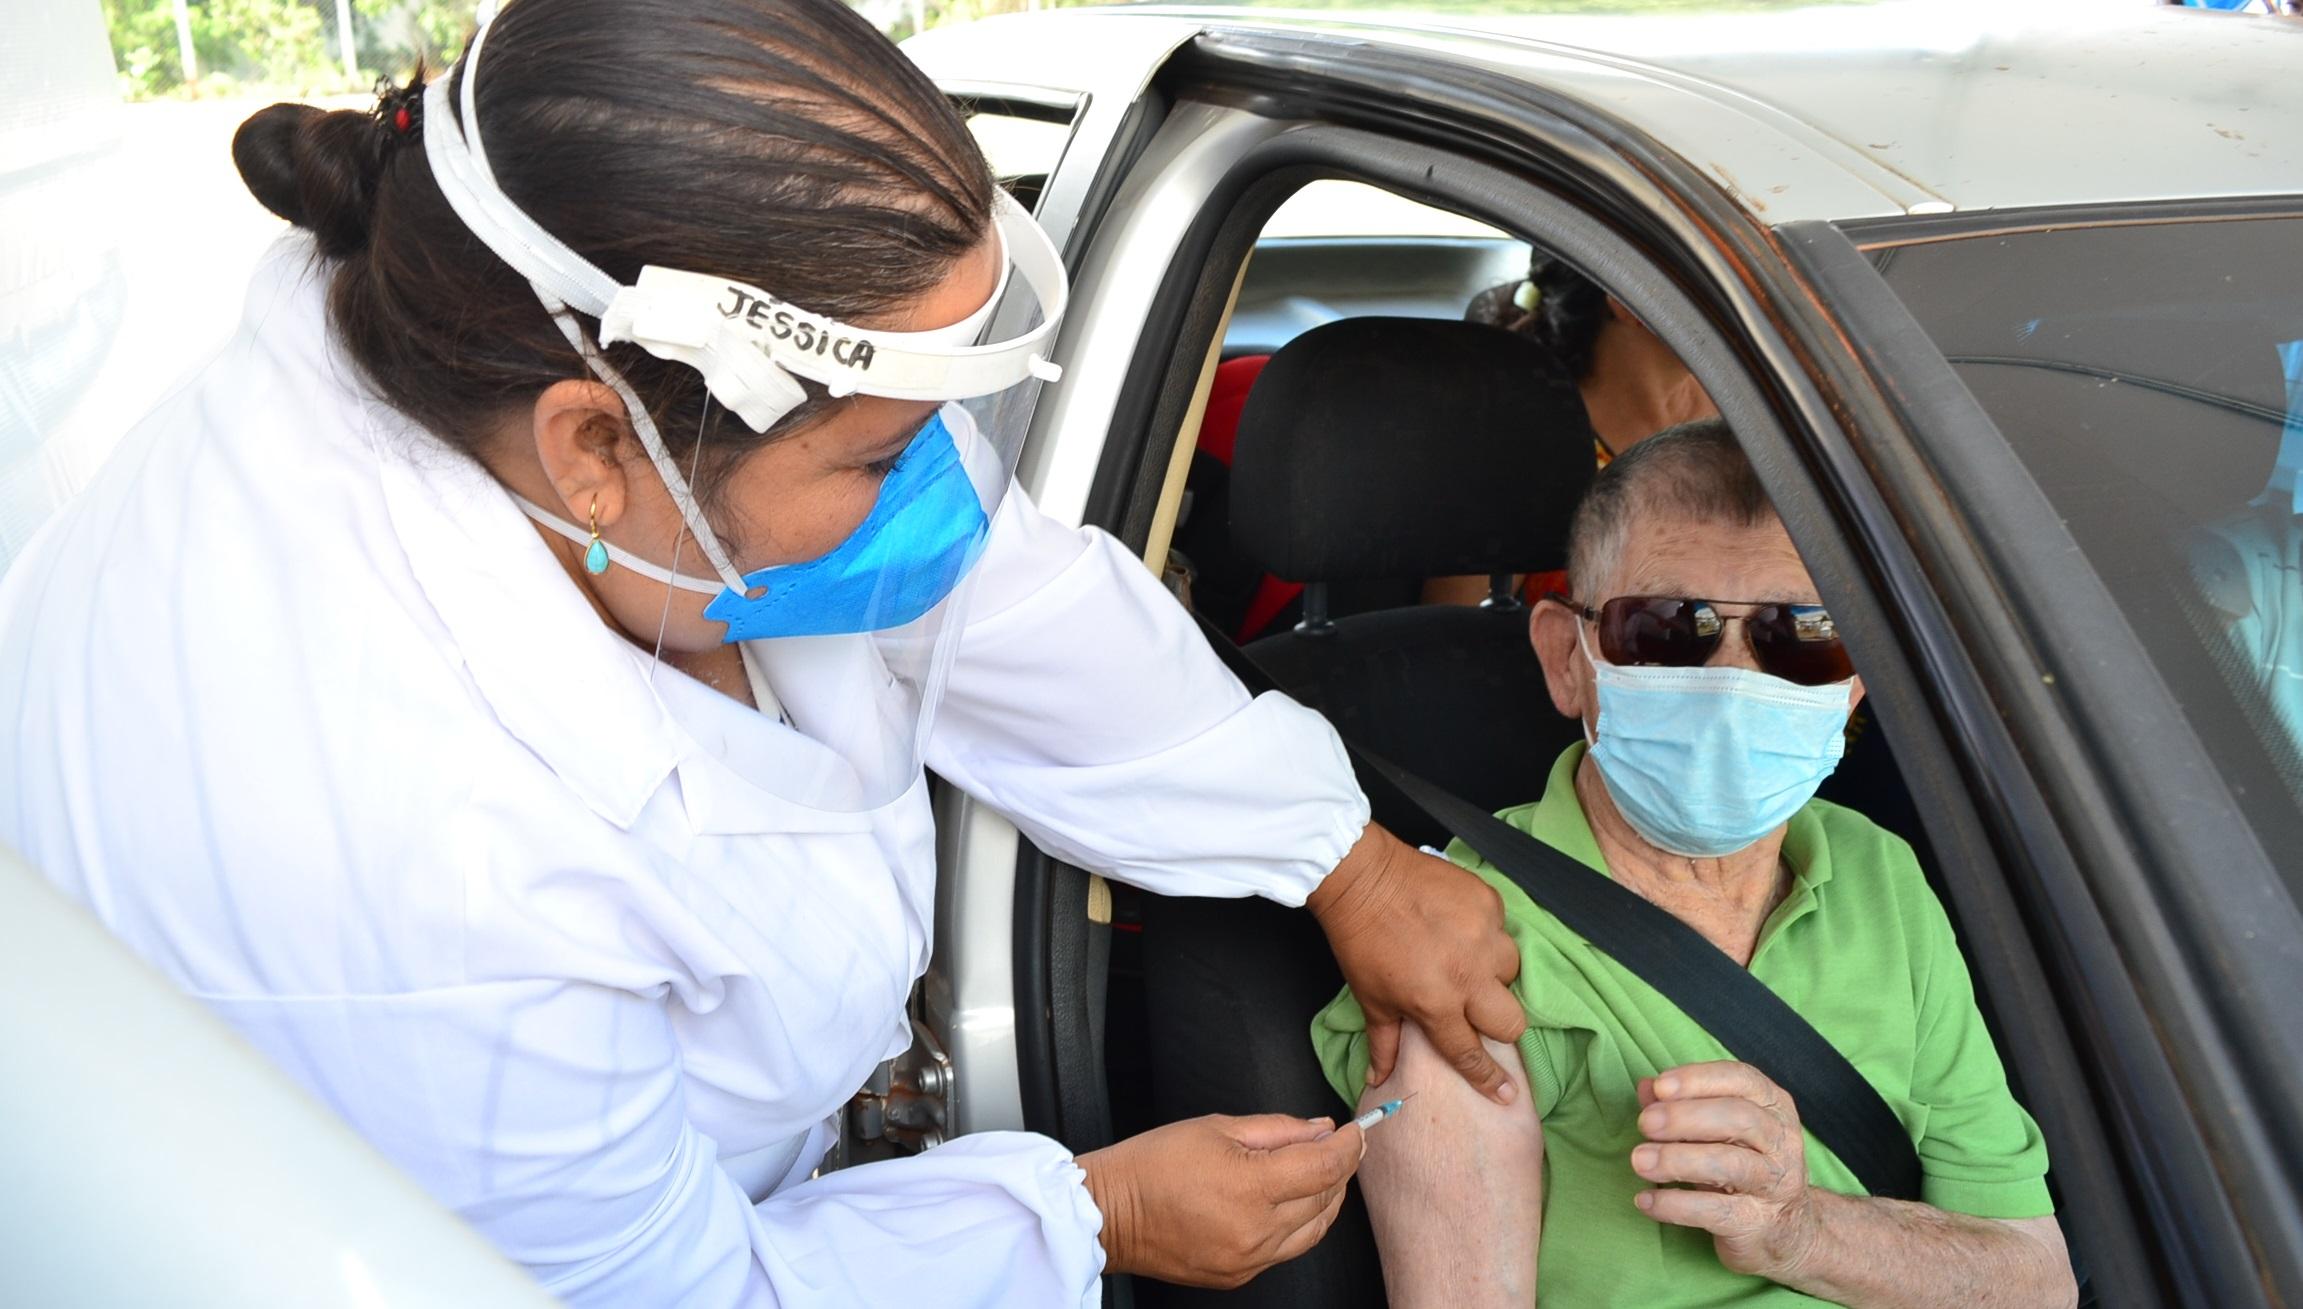 Imagem de destaque IDOSOS COM 90 ANOS OU MAIS - Começa a segunda etapa da vacinação contra a COVID-19 em Montes Claros